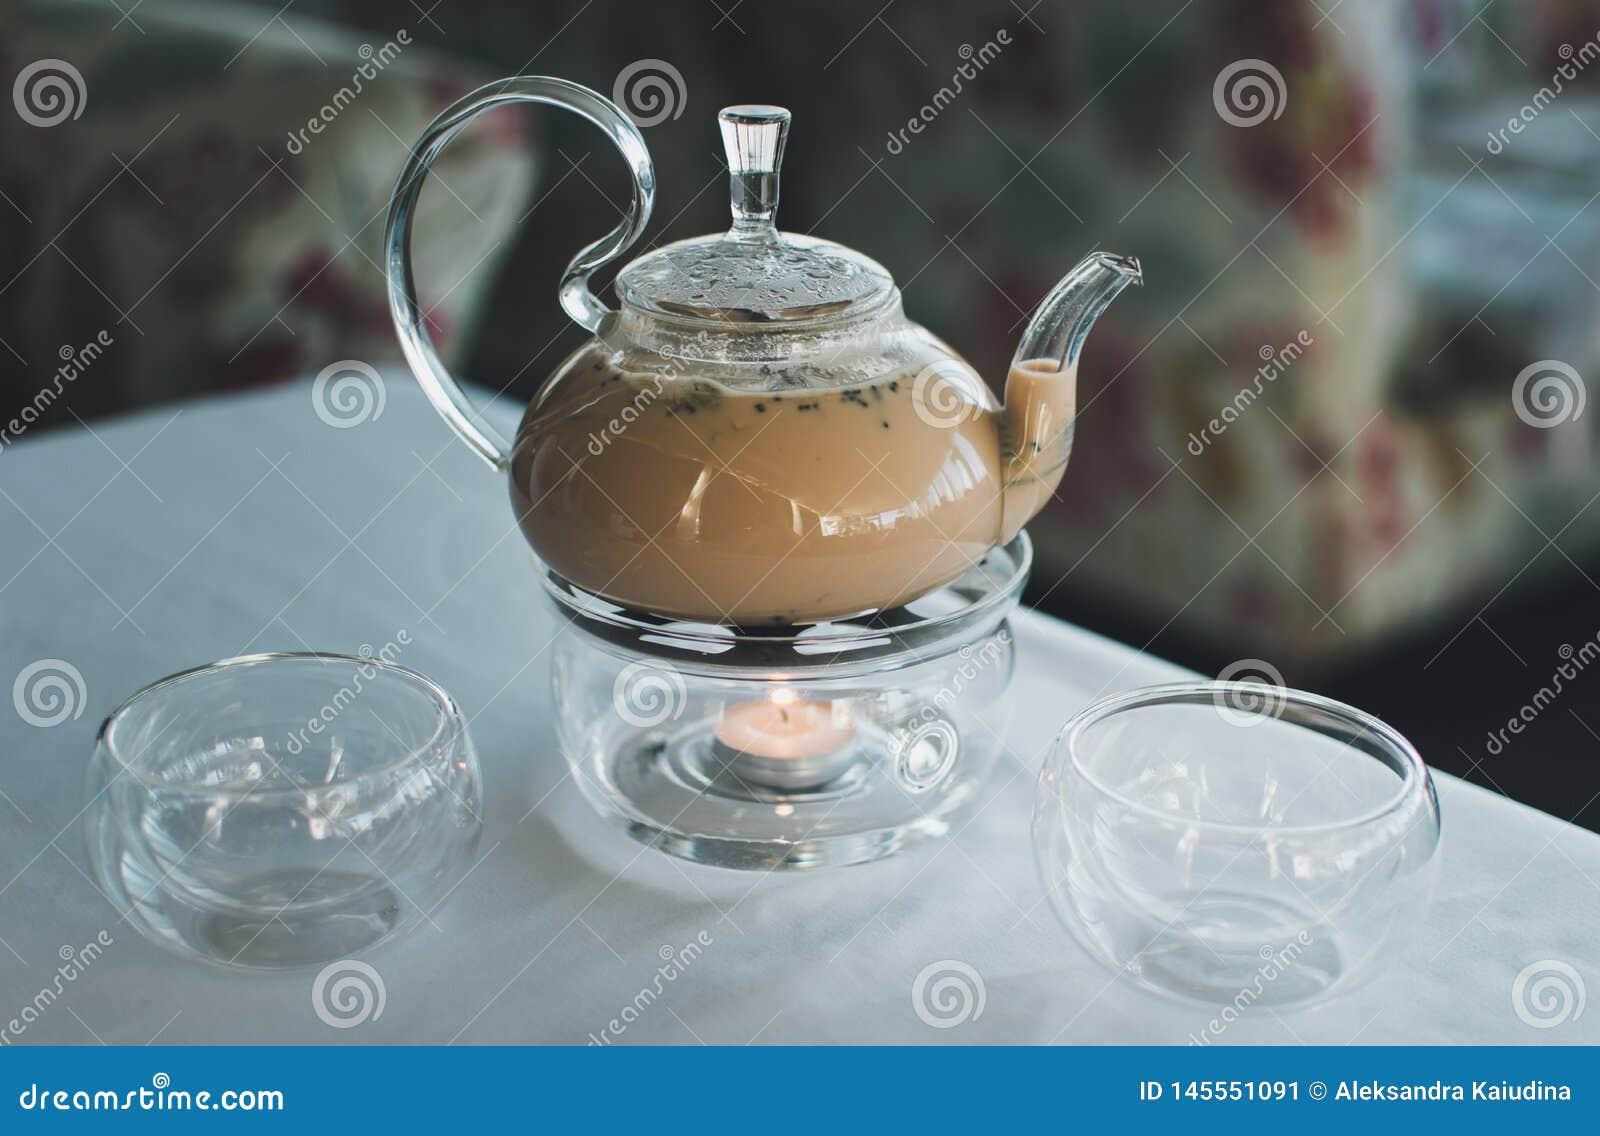 Чай Masala в прозрачном чайнике